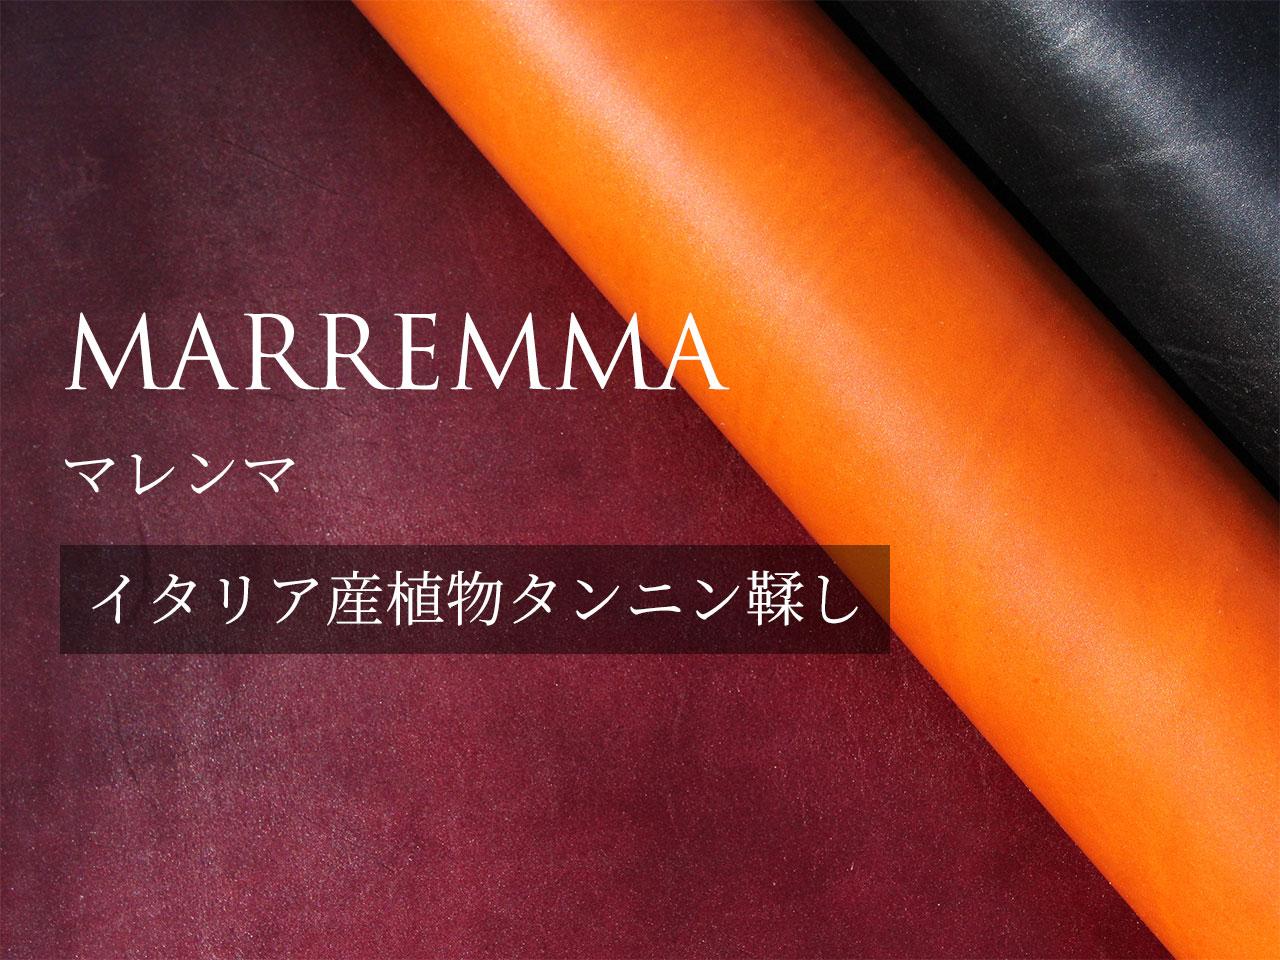 MARREMMA(マレンマ)について